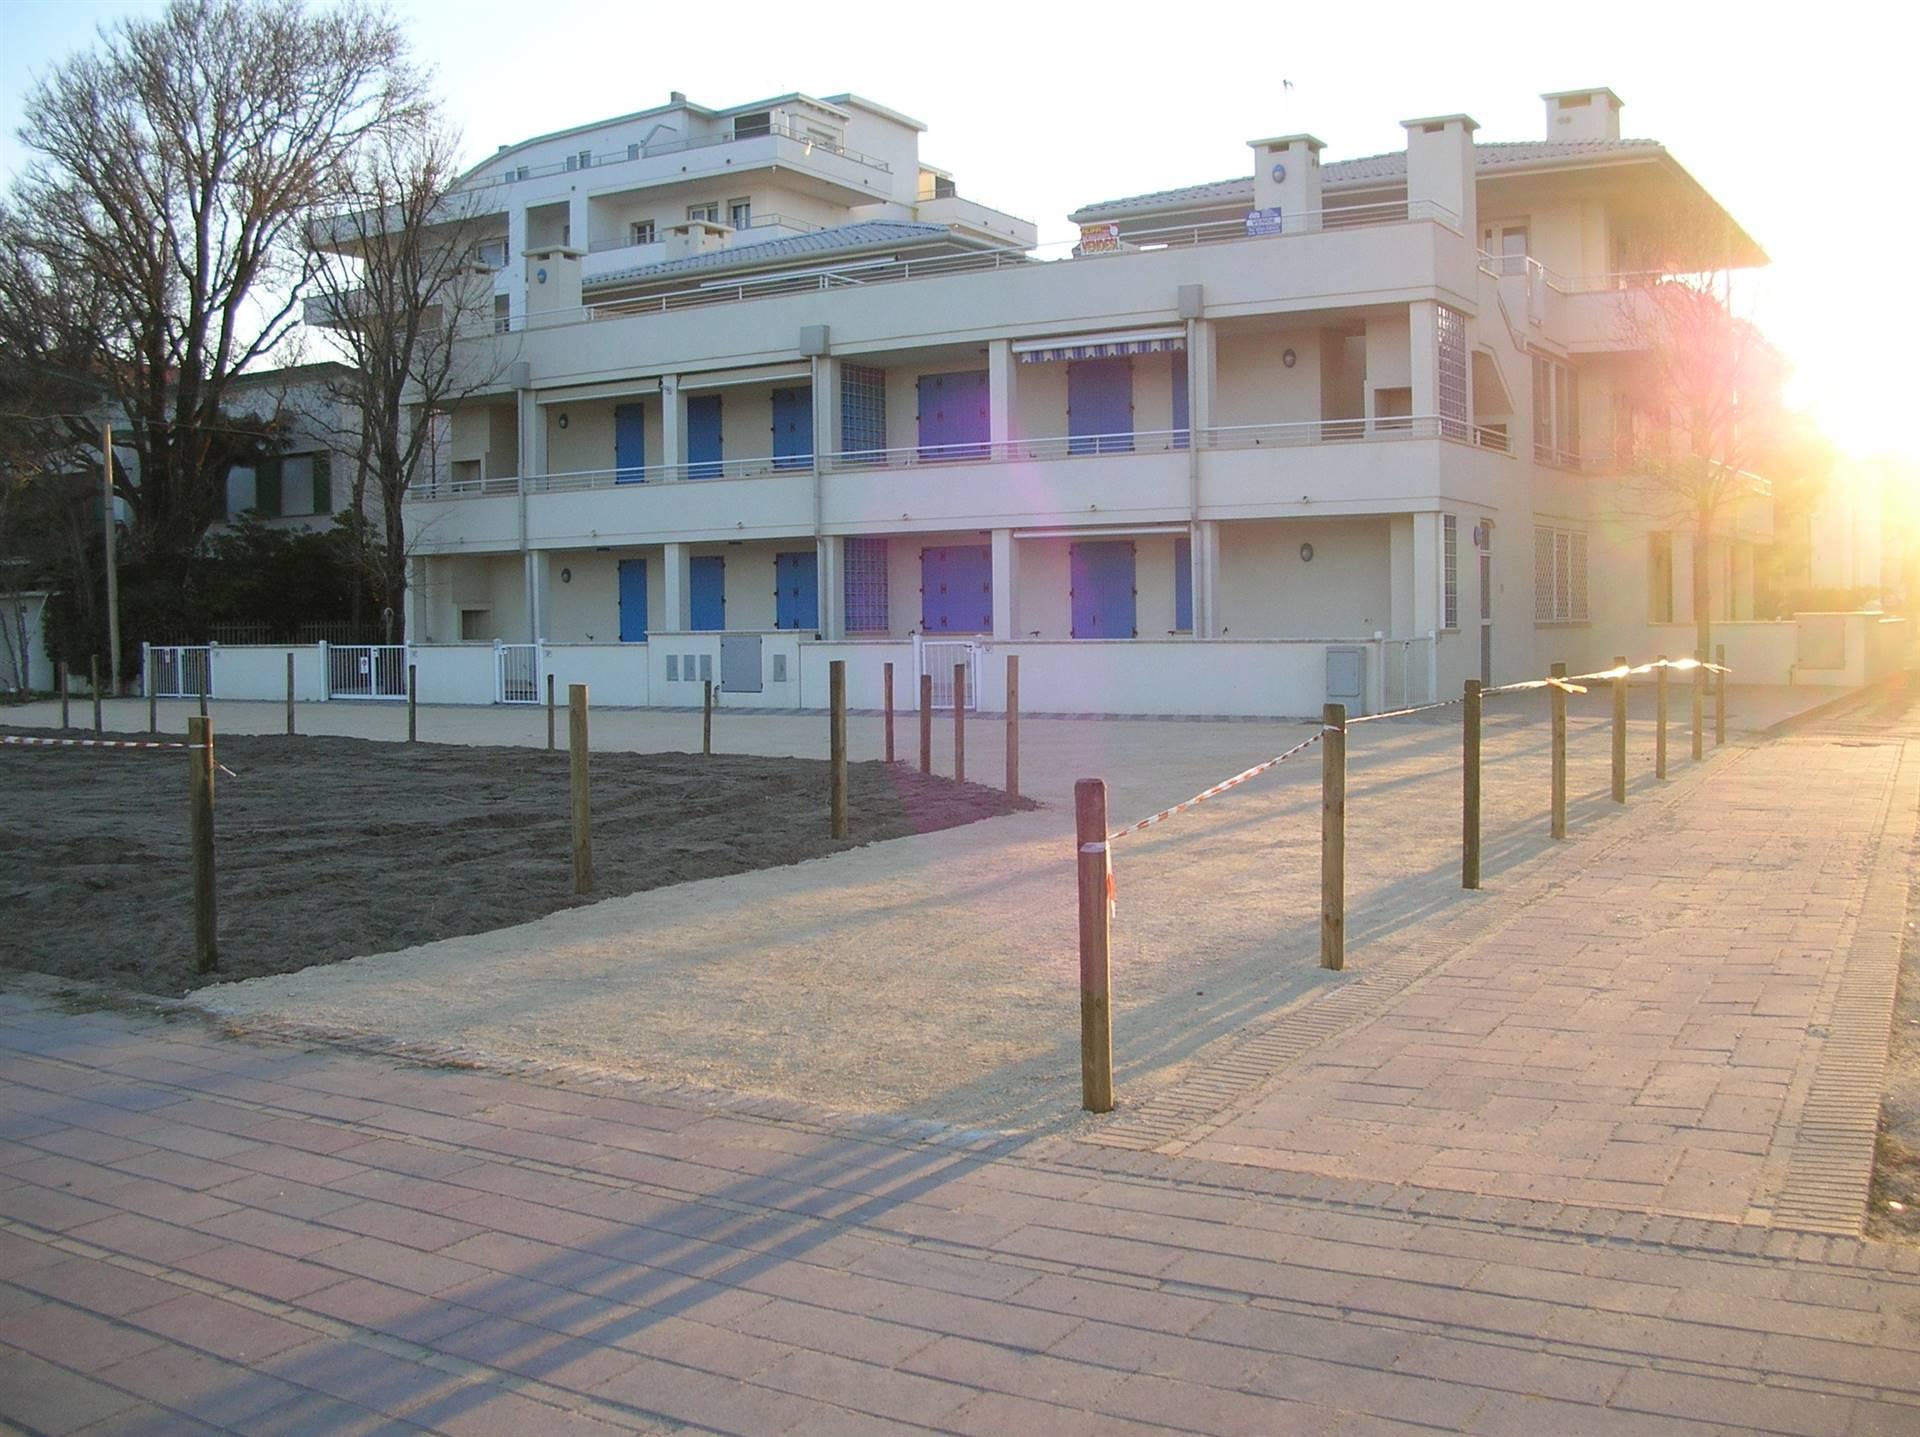 AppartamentoaCOMACCHIO